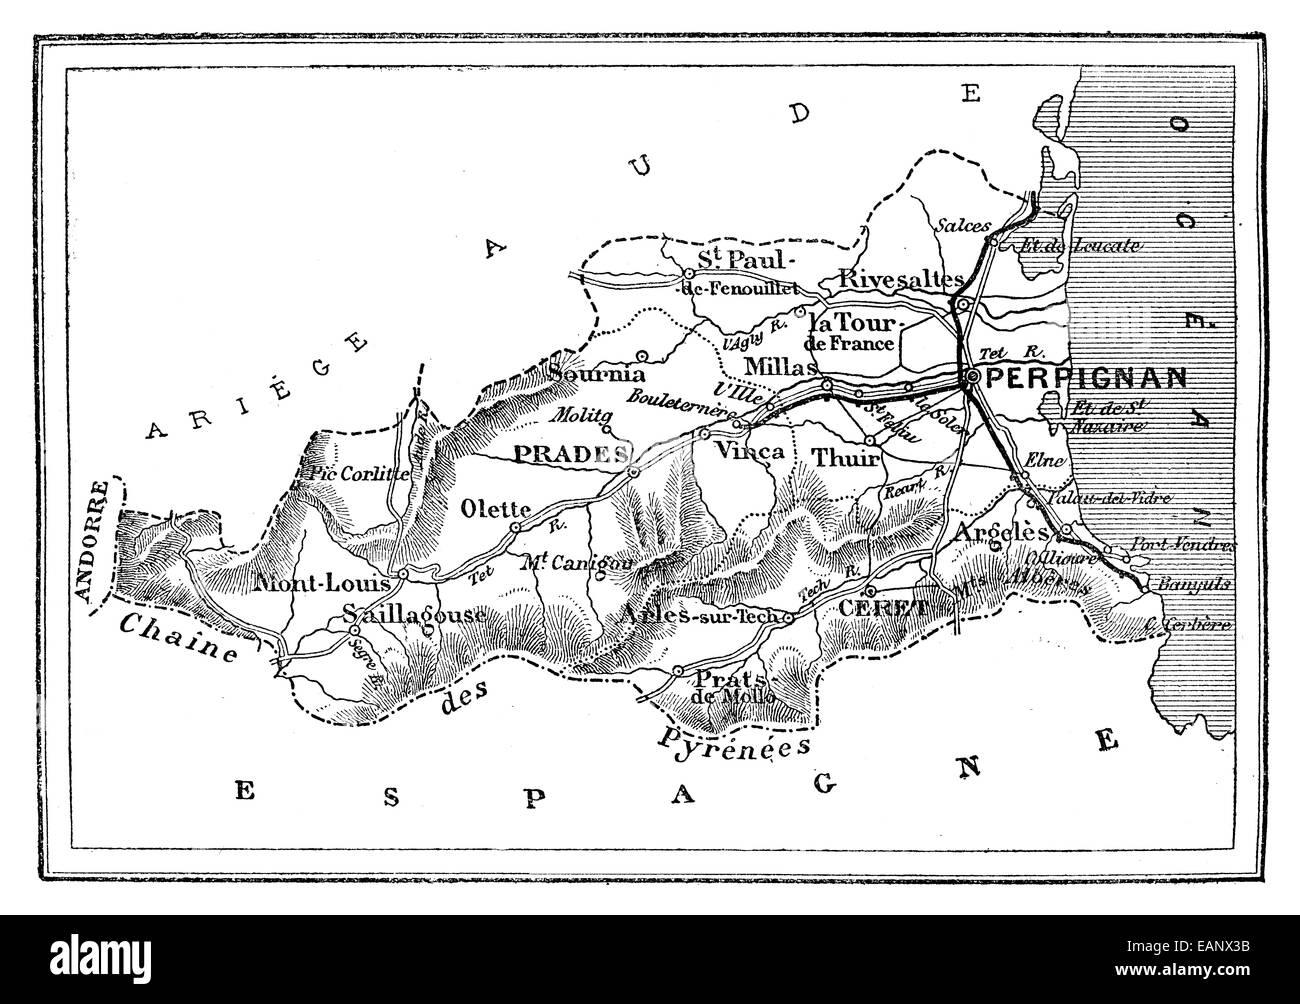 Art Prints PyrÉnÉes-orientales Pyrenees-orientales 1878 Old Antique Map Plan Chart